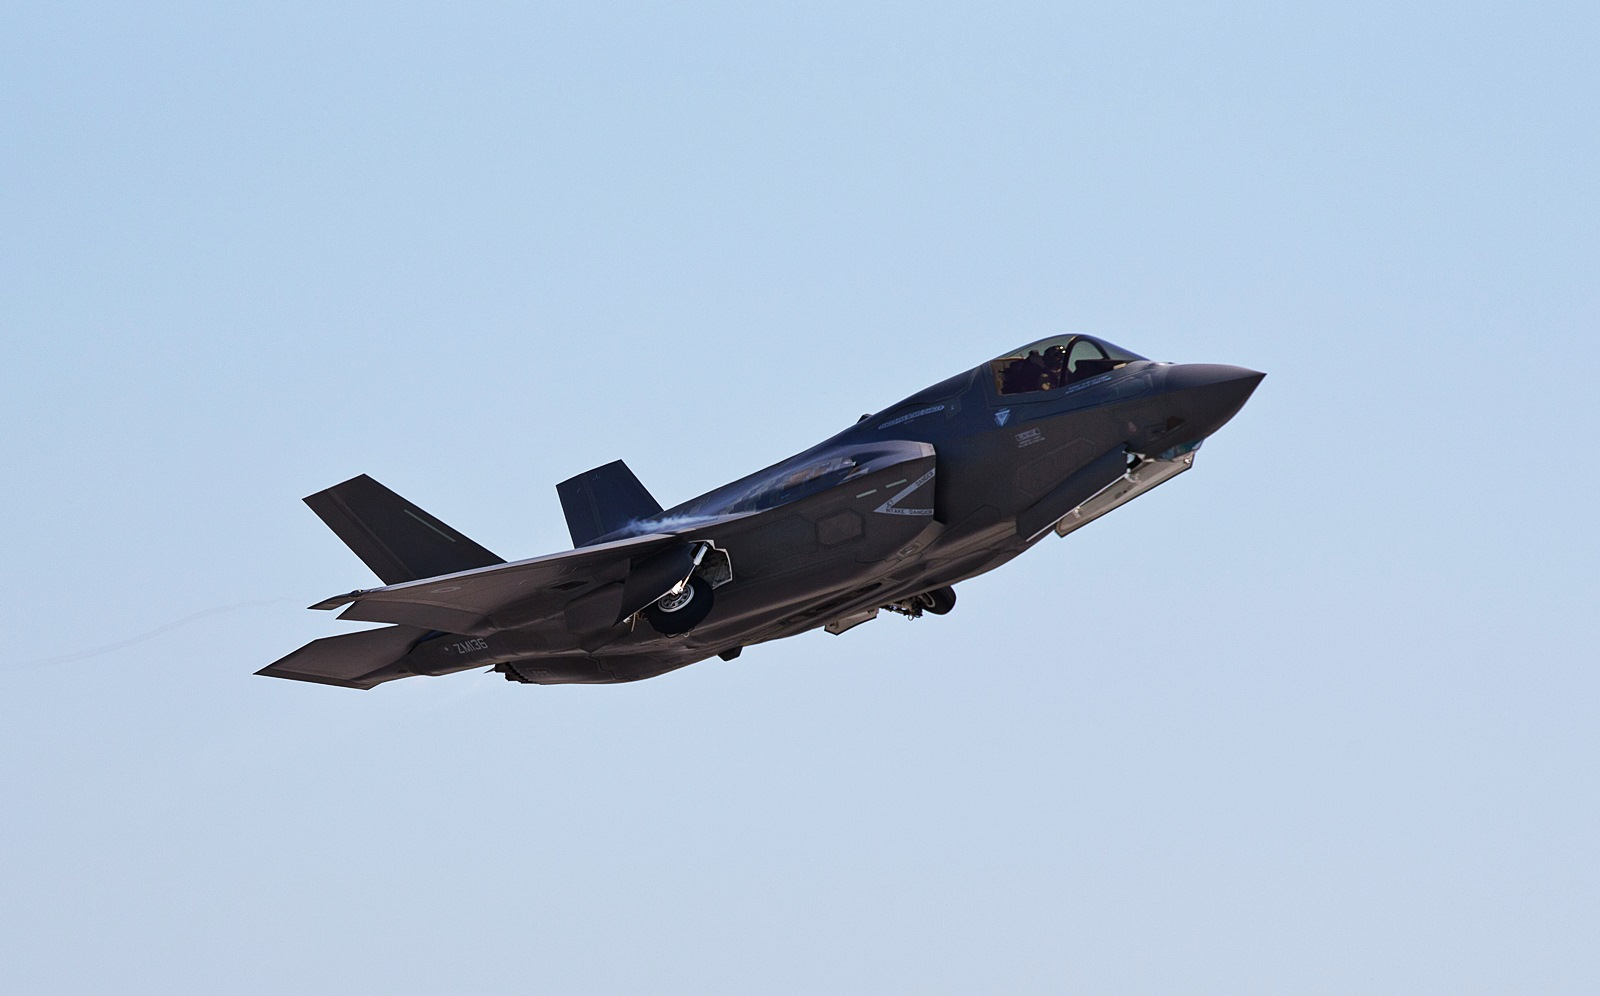 영국조종사가 사용하는 영국용 F-35B Lightning II..